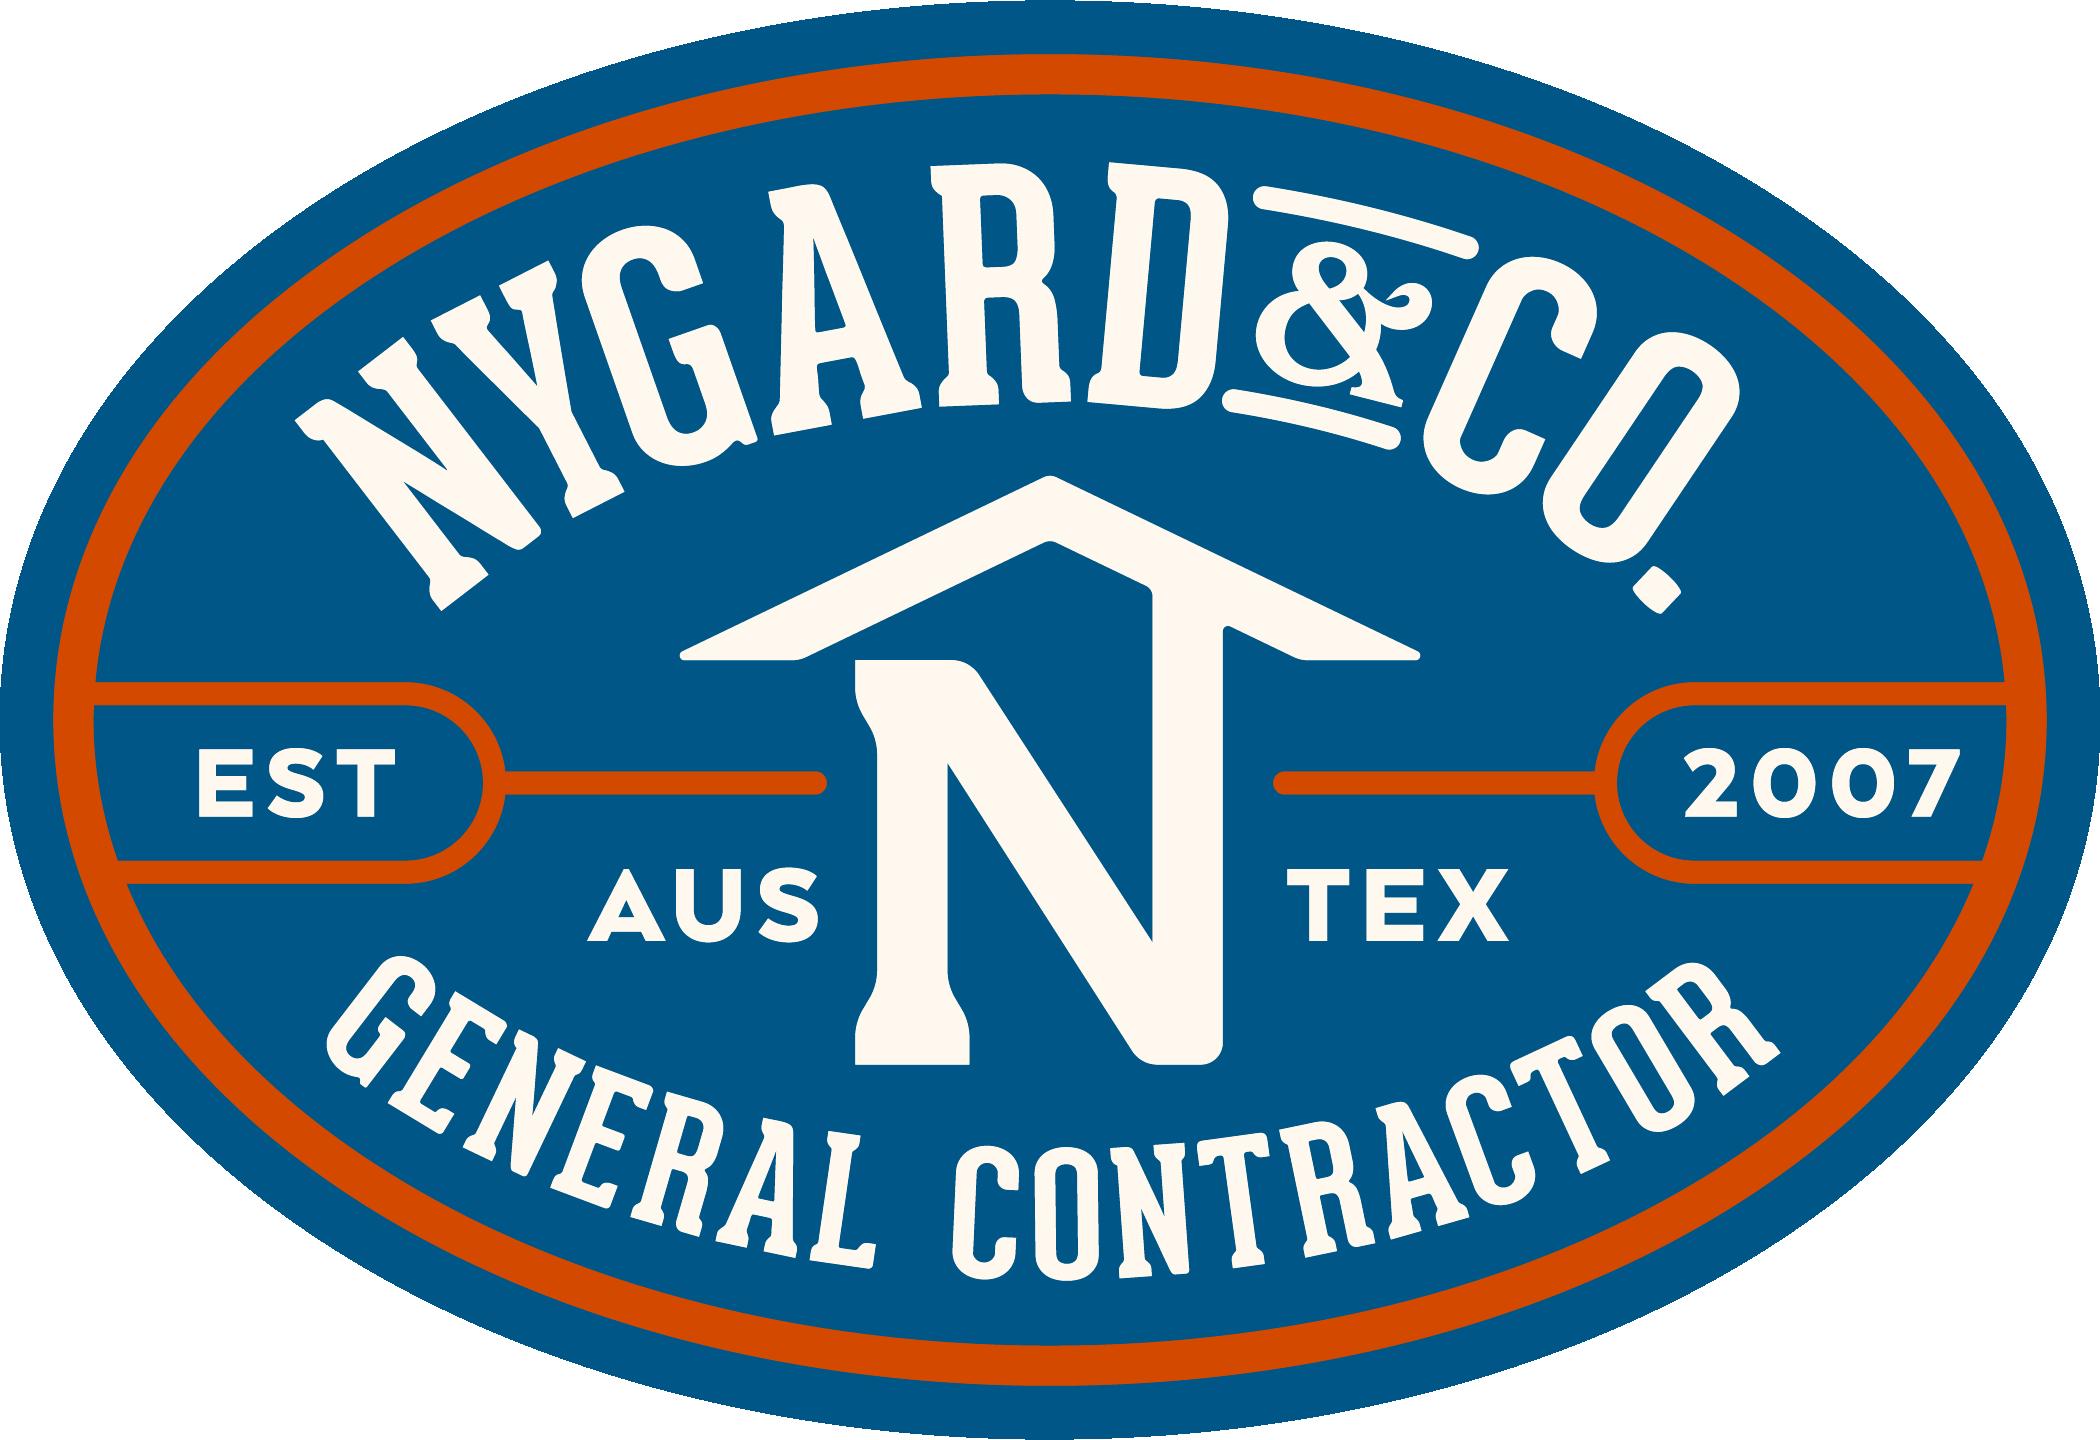 Nygard & Company, LLC